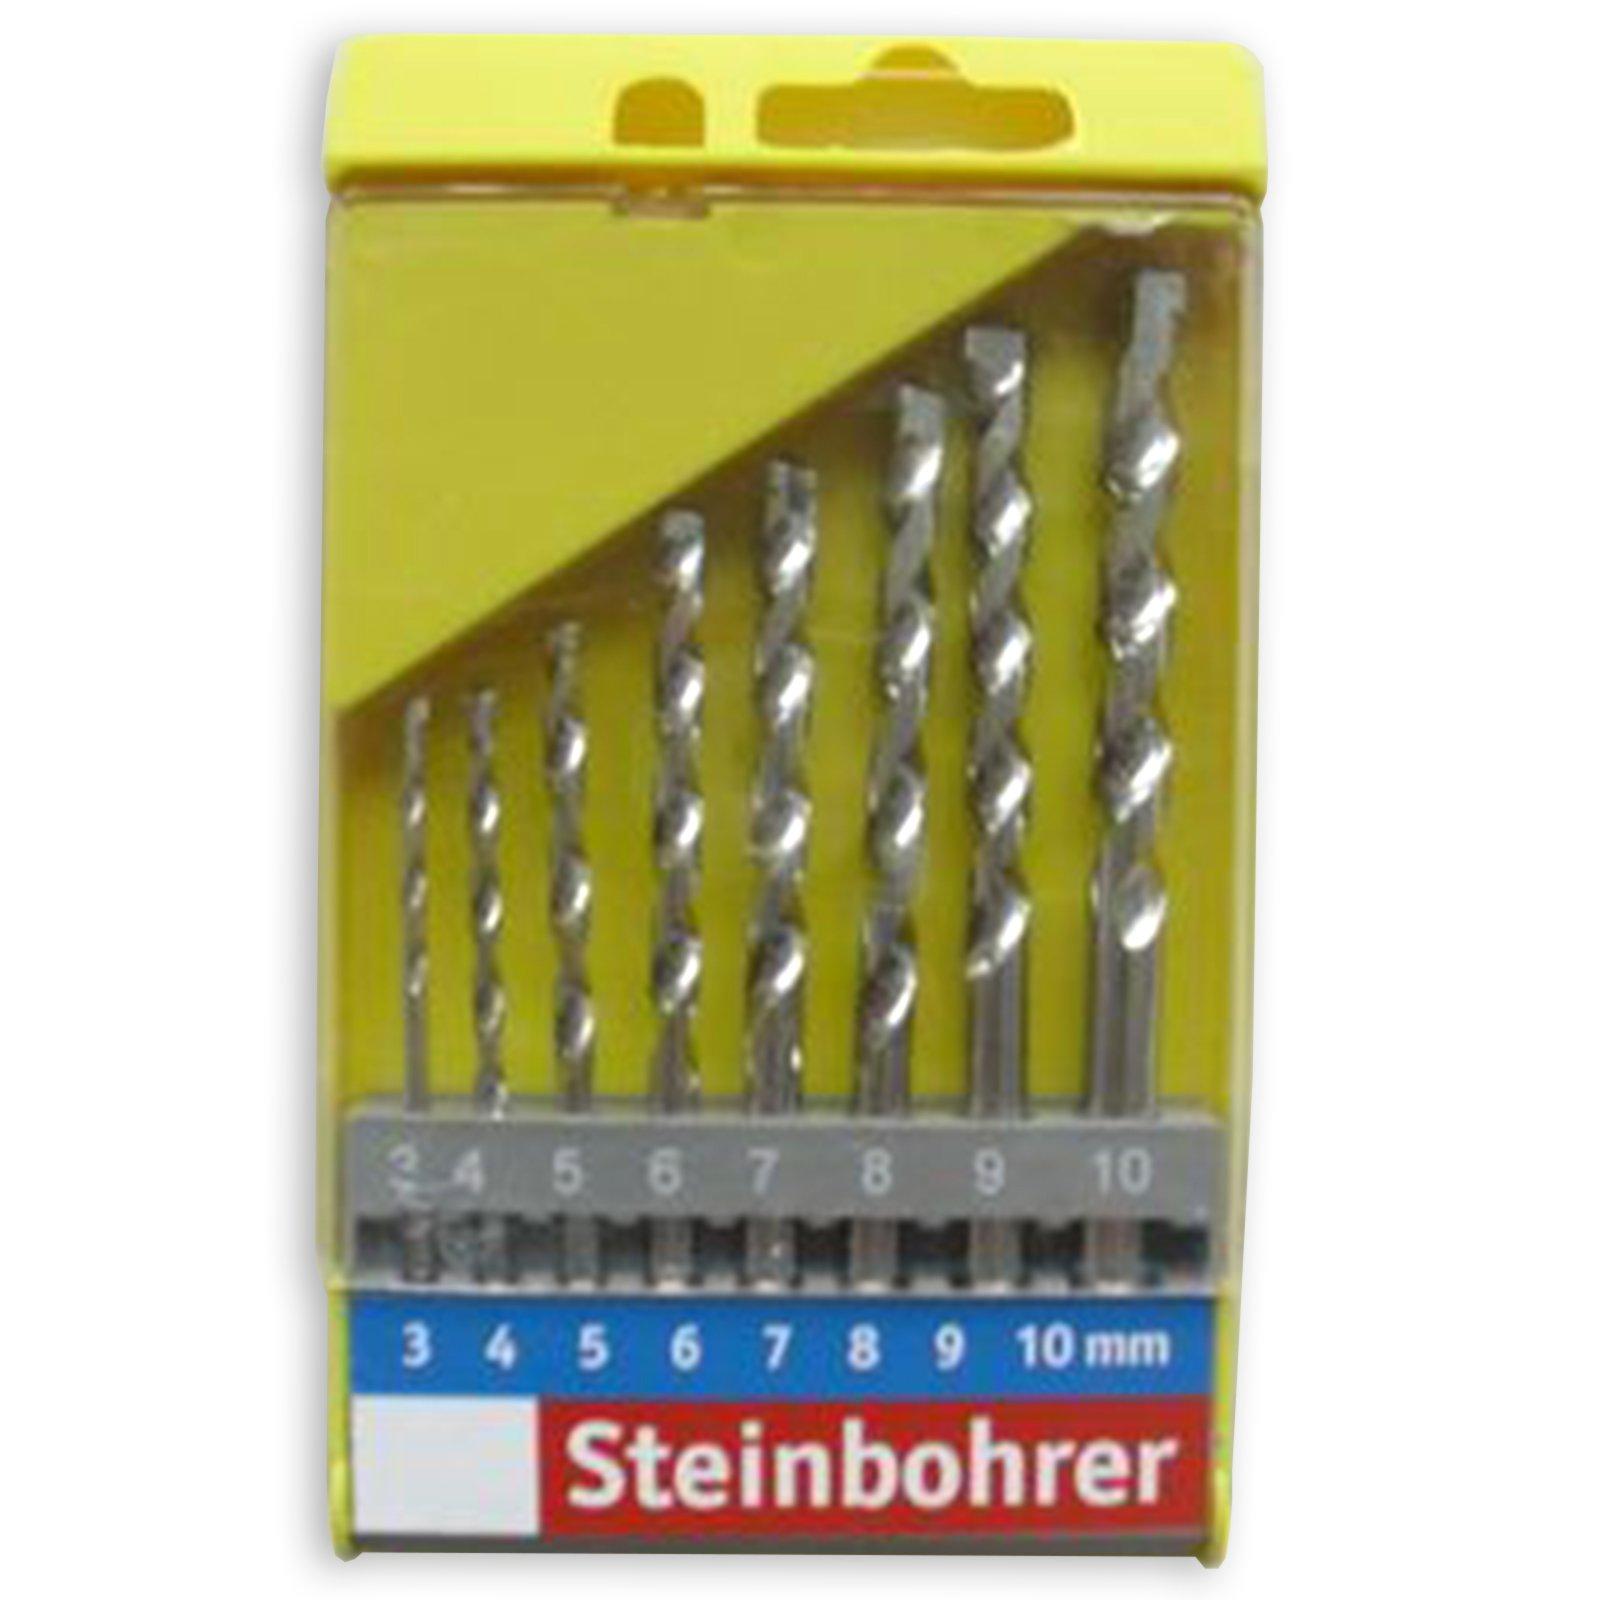 Steinbohrersatz - 8-teilig